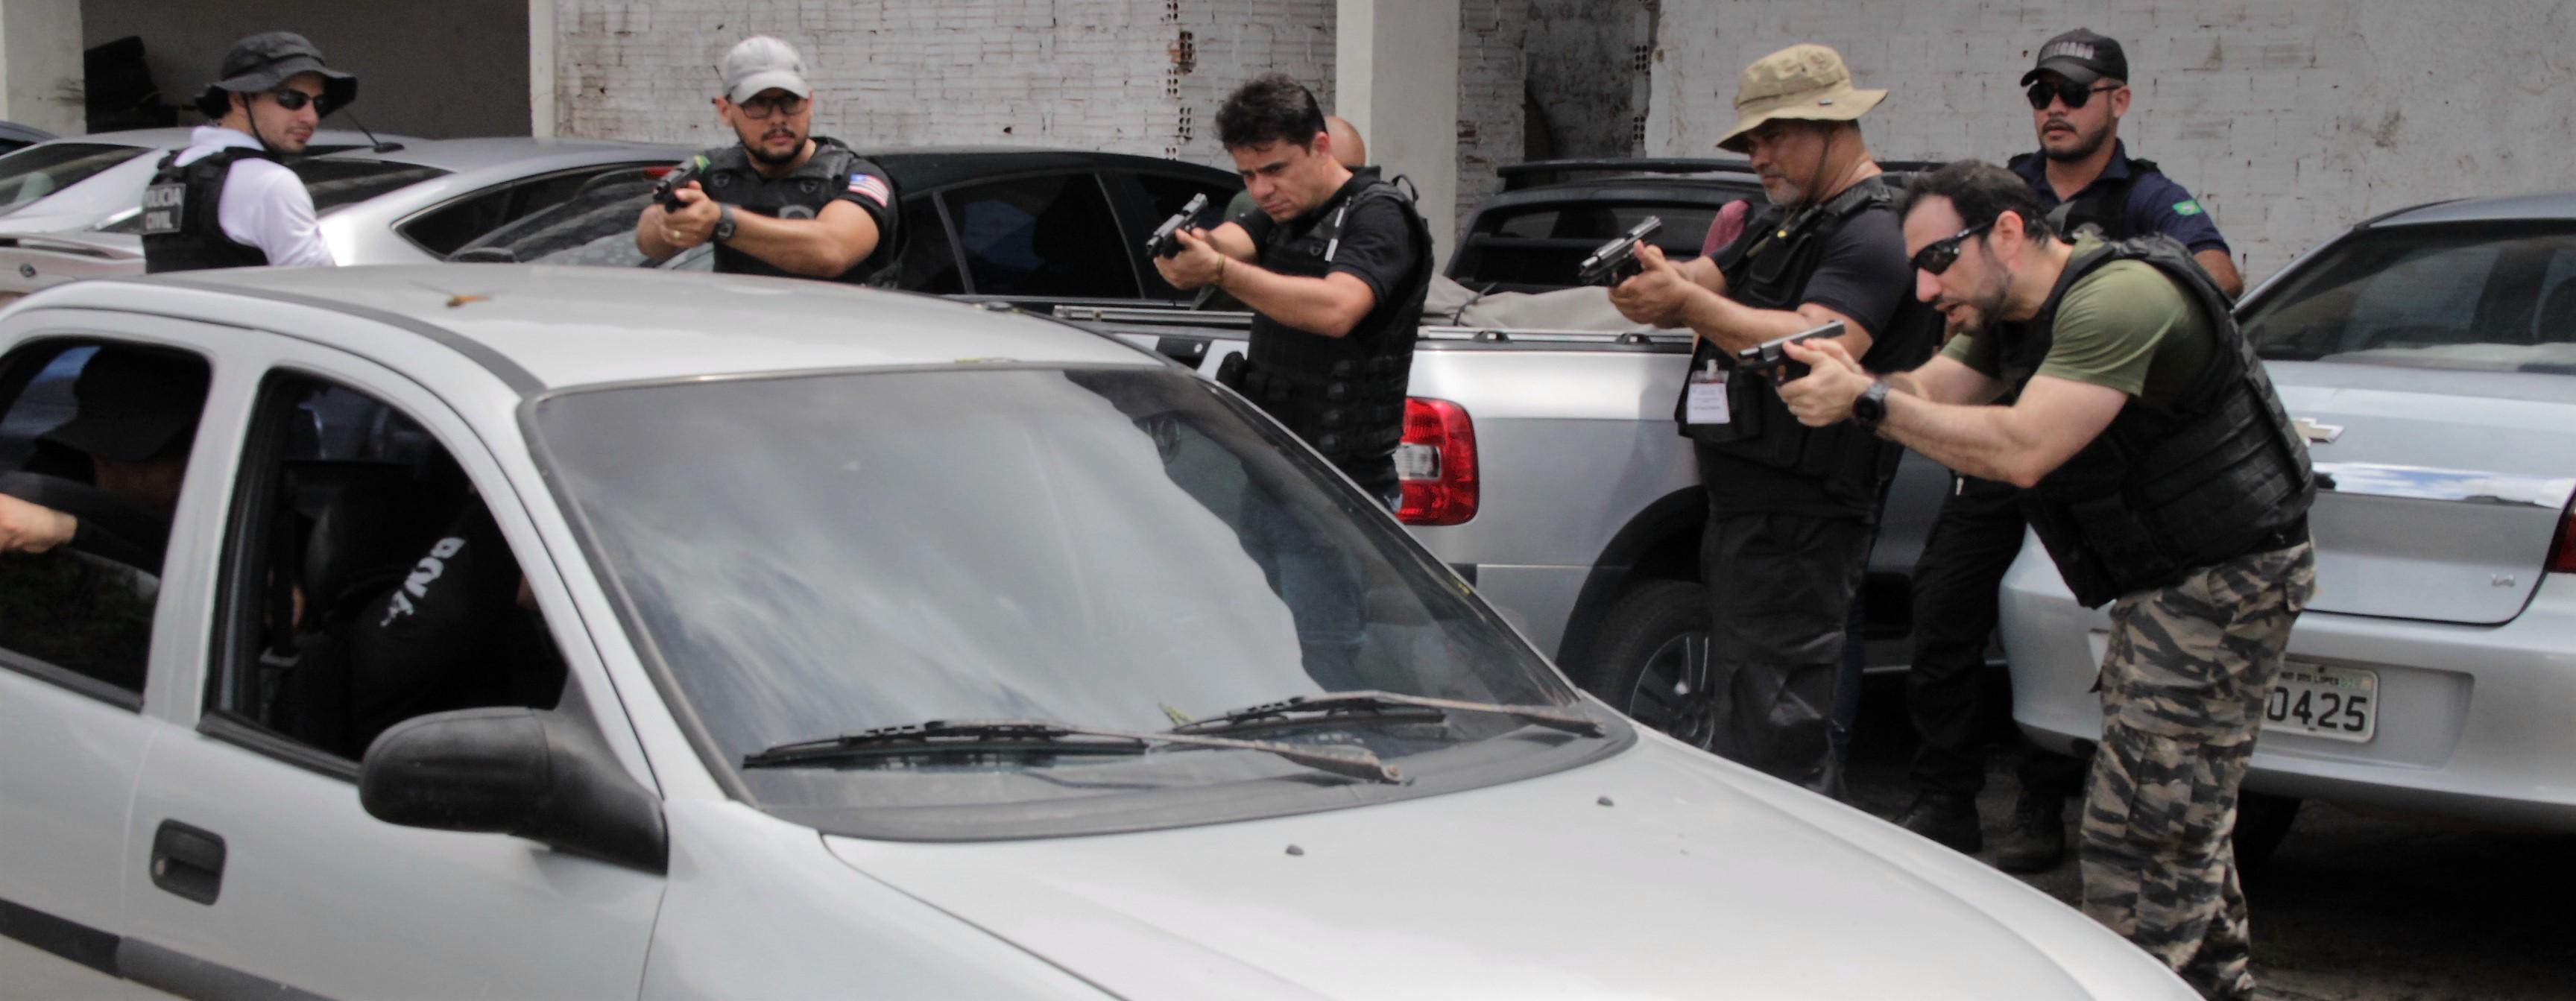 """Delegados e Investigadores iniciam curso de """"Praticas de Operações Policiais"""" em São Luís"""